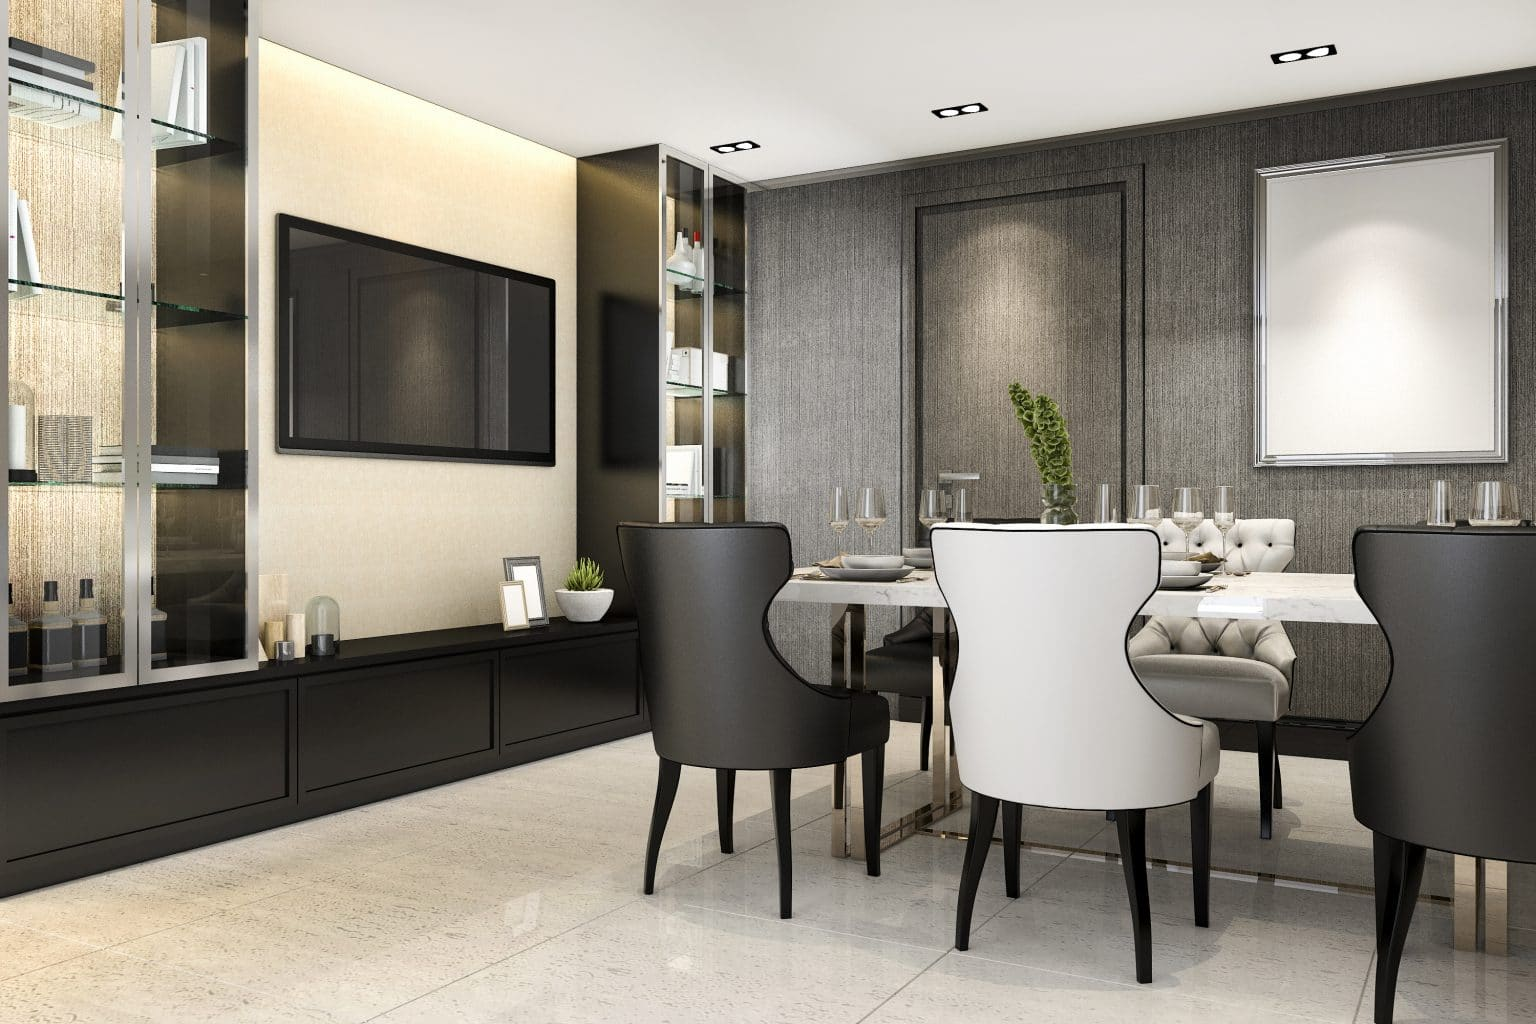 Casalia Living spaces